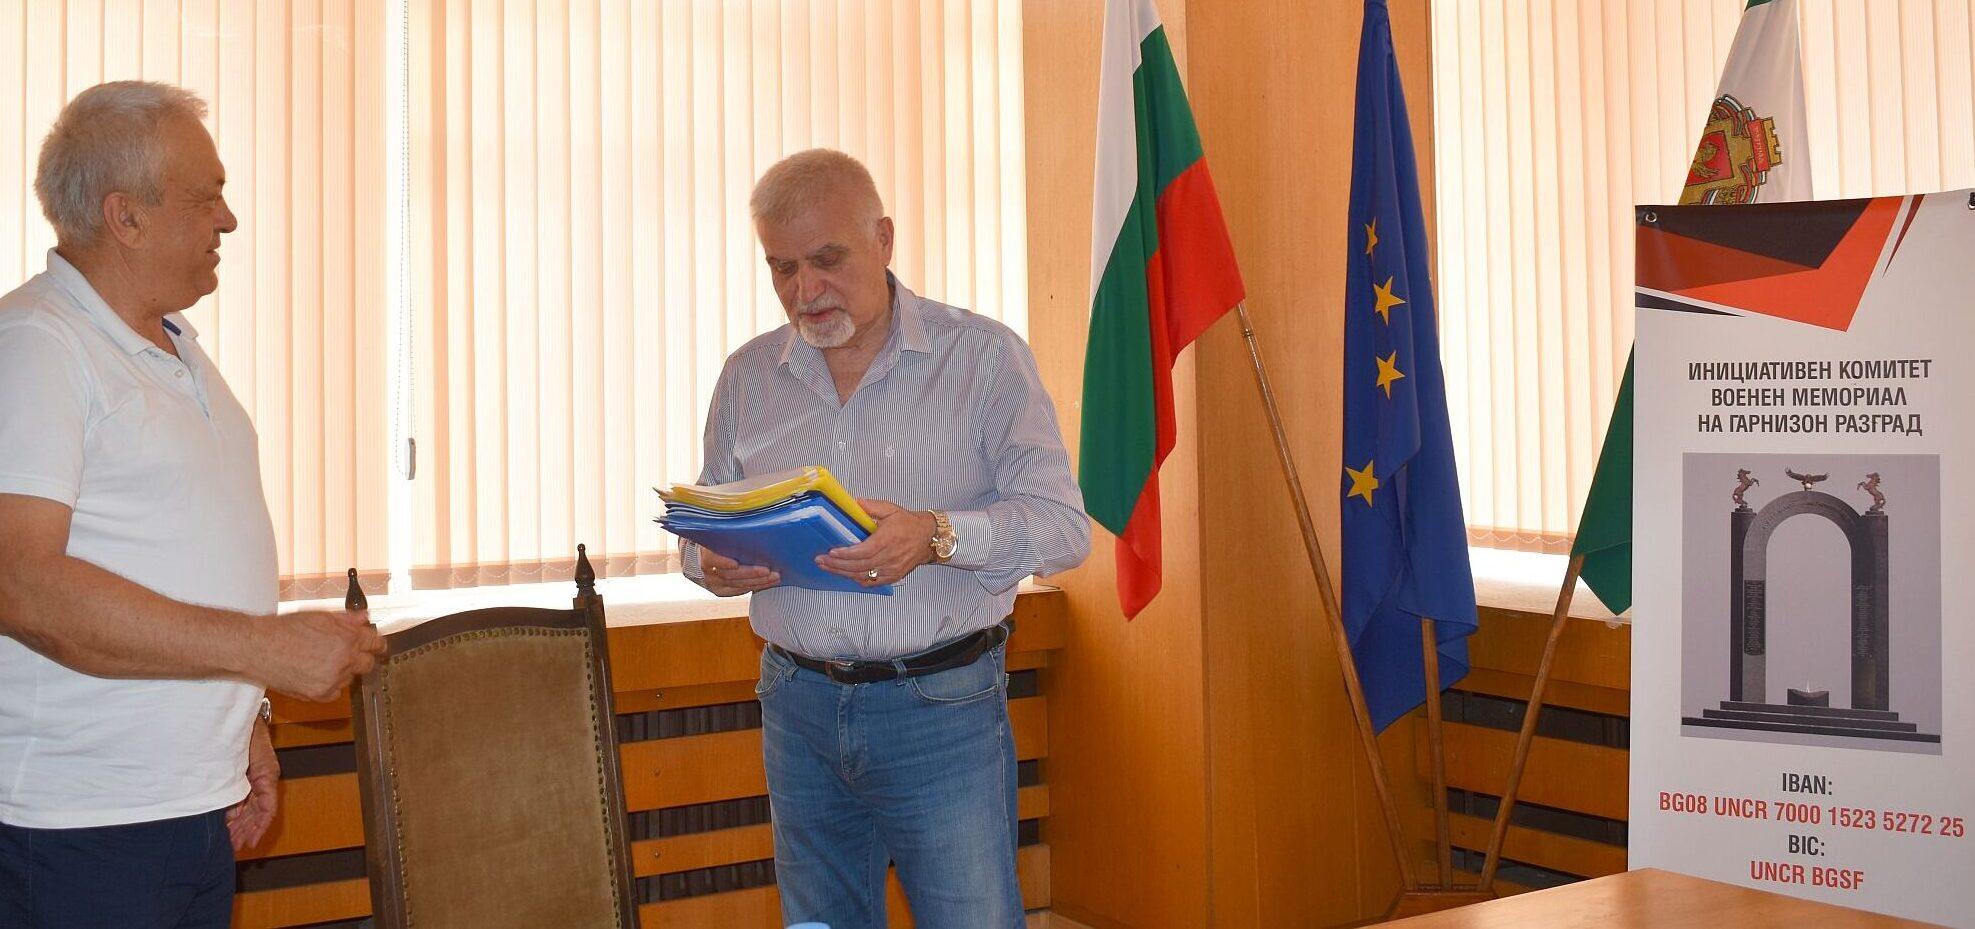 Кметът Денчо Бояджиев обяви подкрепата си за изгражда� ...